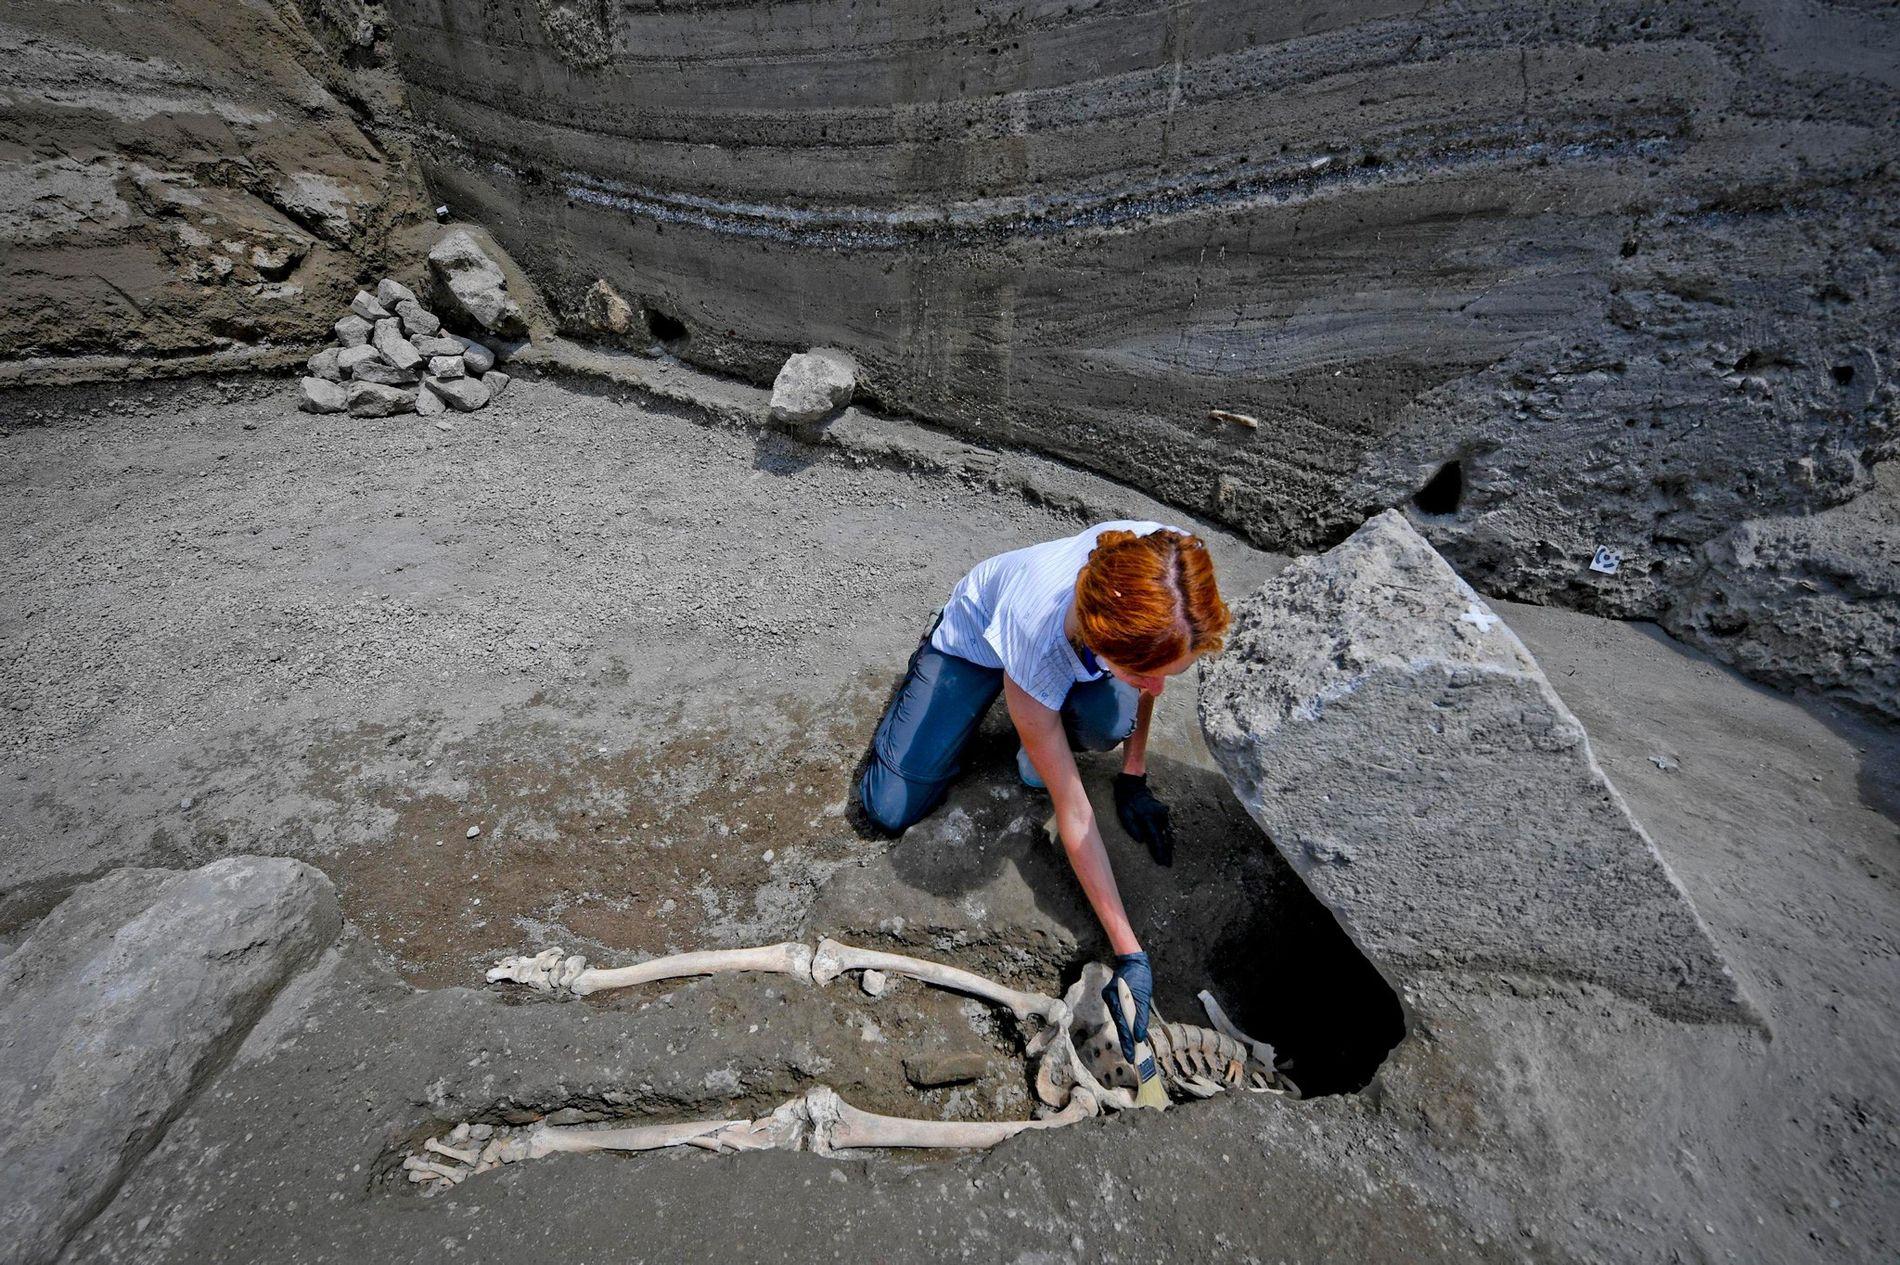 Quando o corpo da vítima foi descoberto, os arqueólogos de Pompeia suspeitaram que ele havia sido esmagado até a morte por uma grande rocha durante a erupção do Monte Vesúvio.